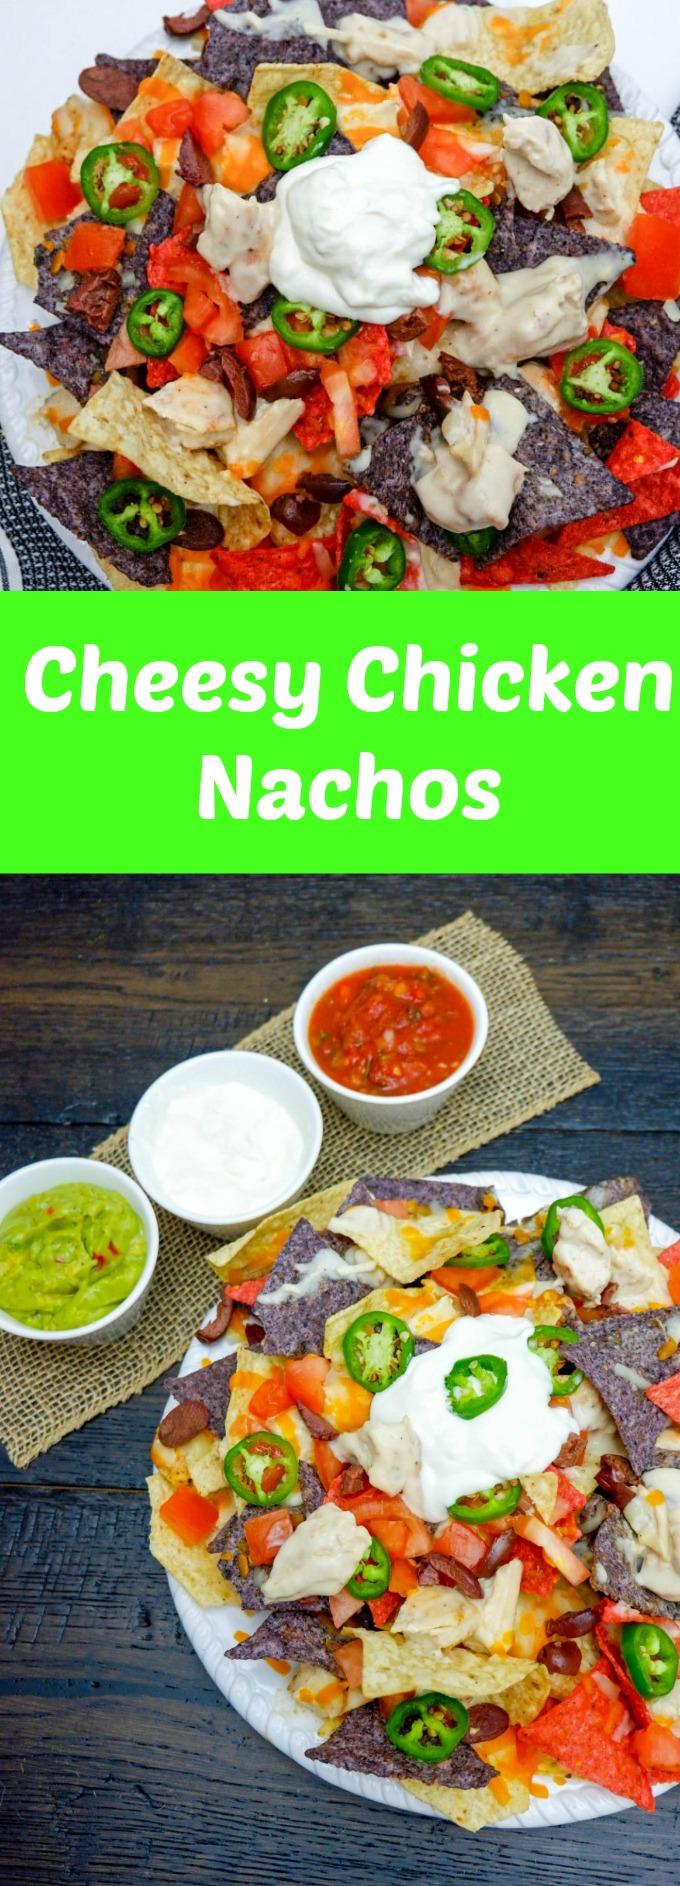 Cheesy Chicken Nachos